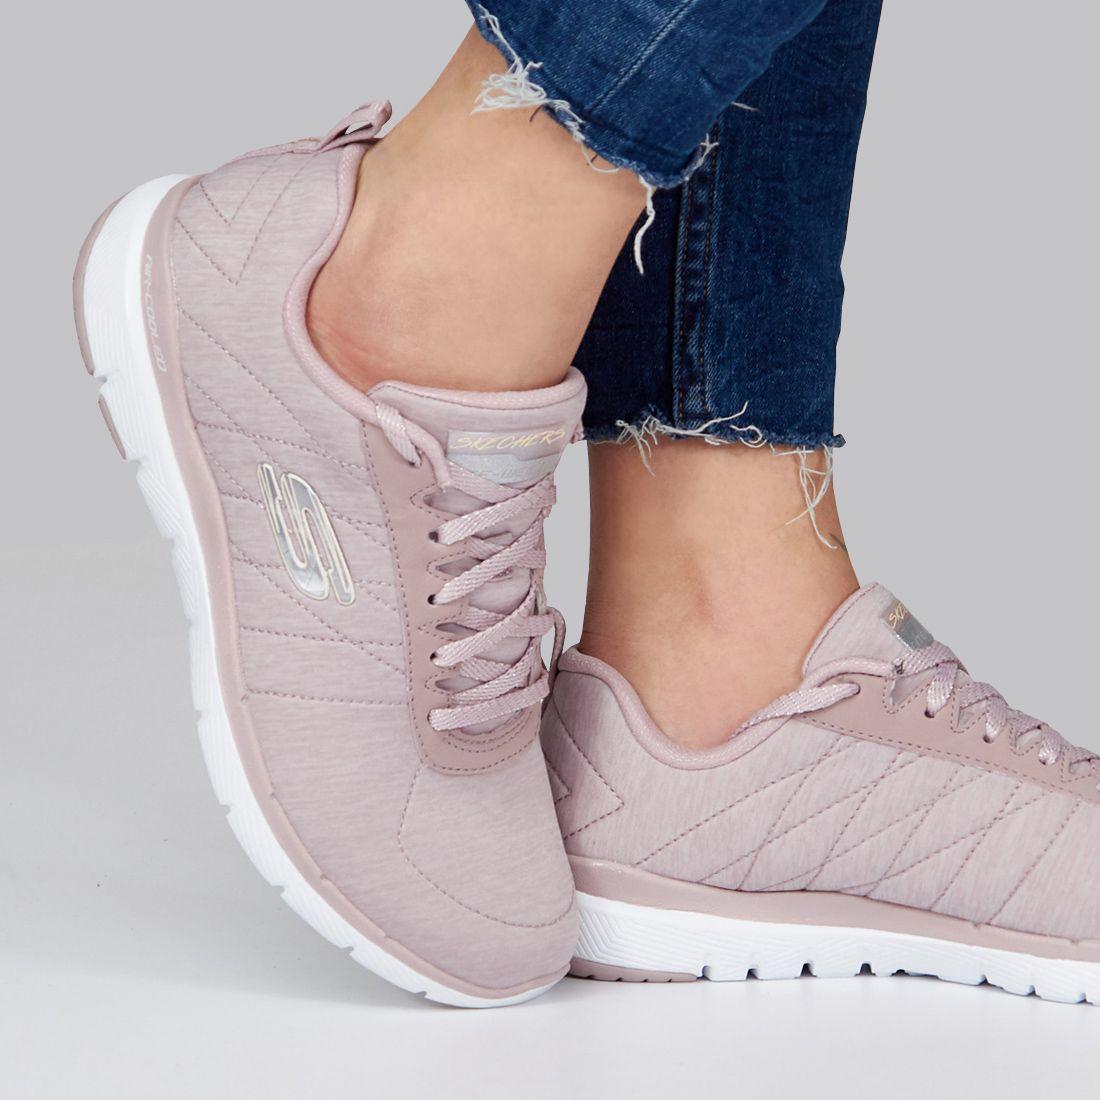 suicidio salvar Hora  SKECHERS 13067S ROSA Zacaris zapatos online. | Zapatos skechers, Zapatos  deportivos mujer, Marcas zapatos mujer